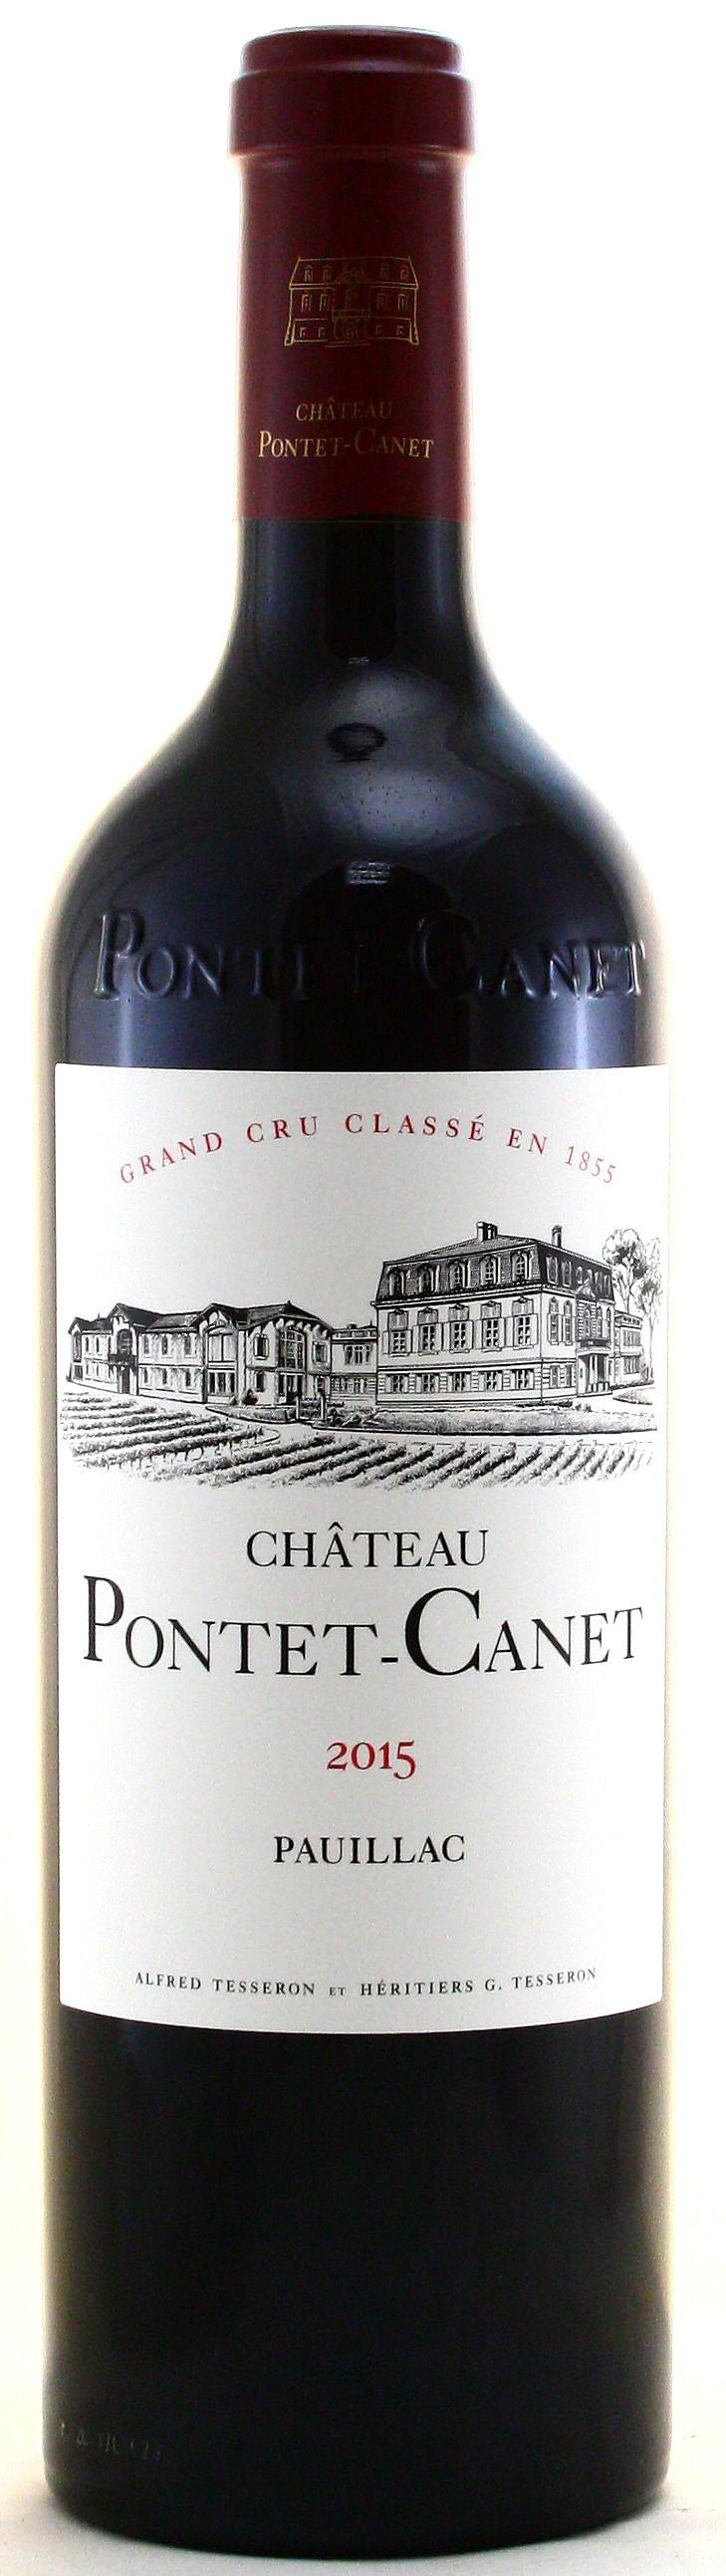 2015 Château Pontet-Canet, Pauillac Grand Cru Classé, Bordeaux